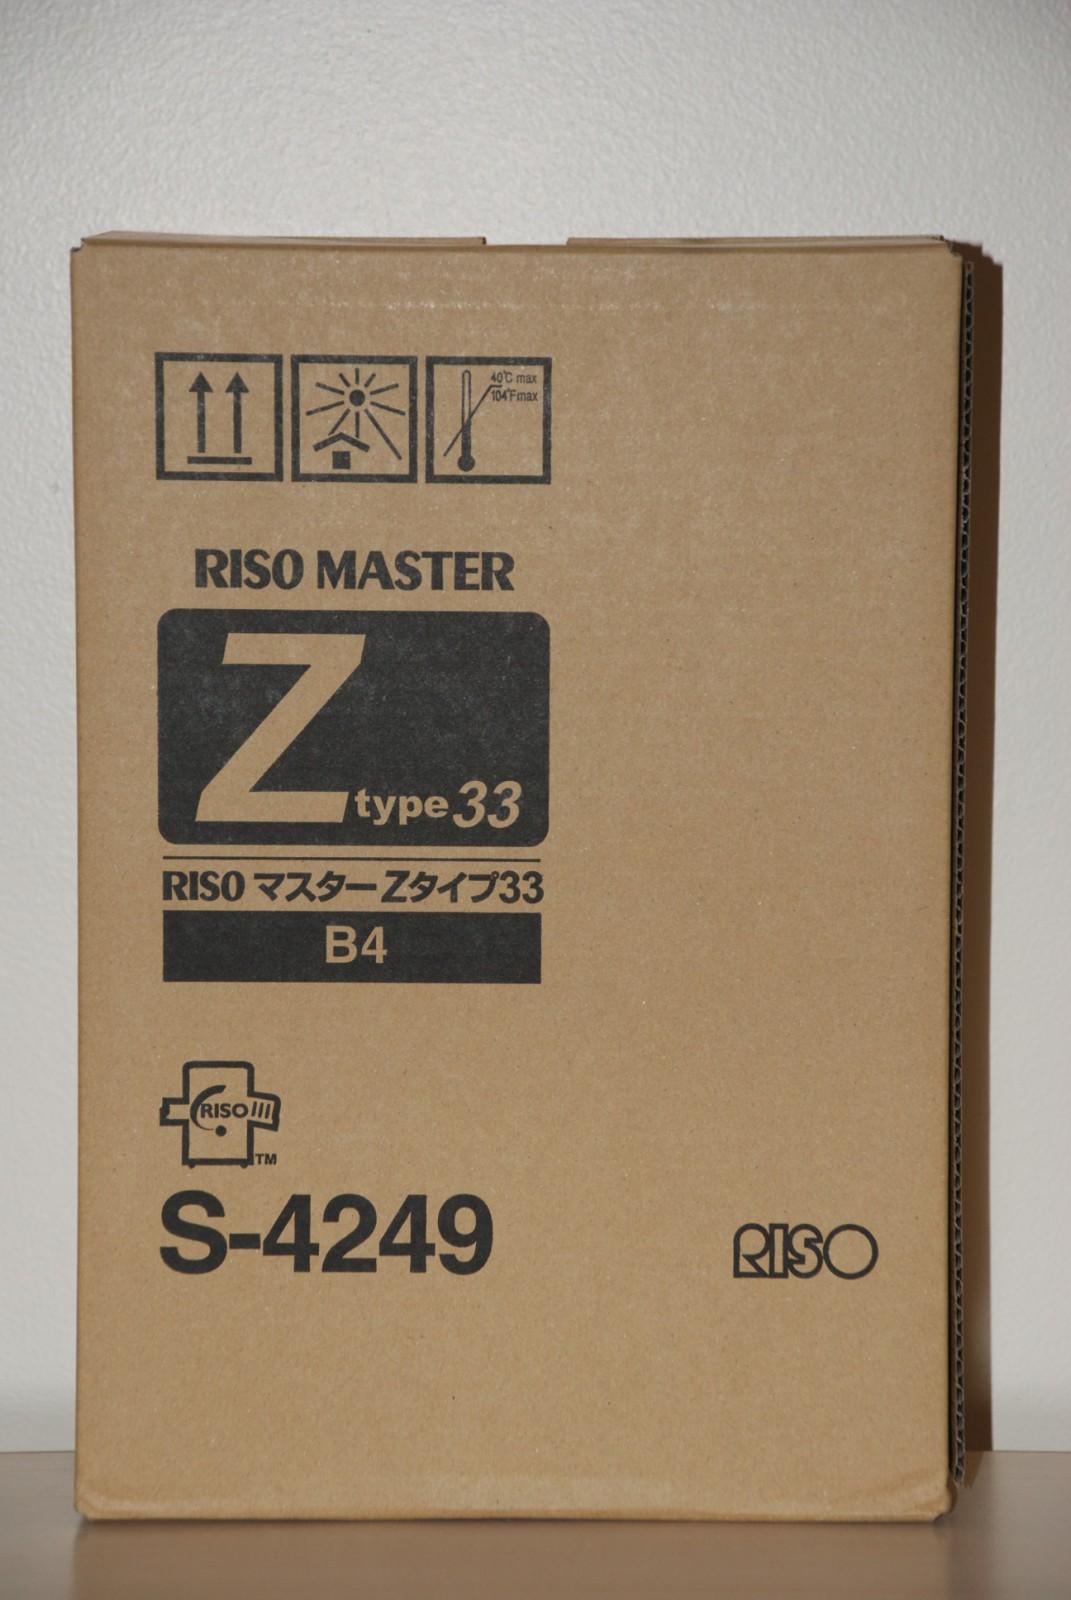 Risograph s-4249 master kit originale B4, confezione da 2 pezzi